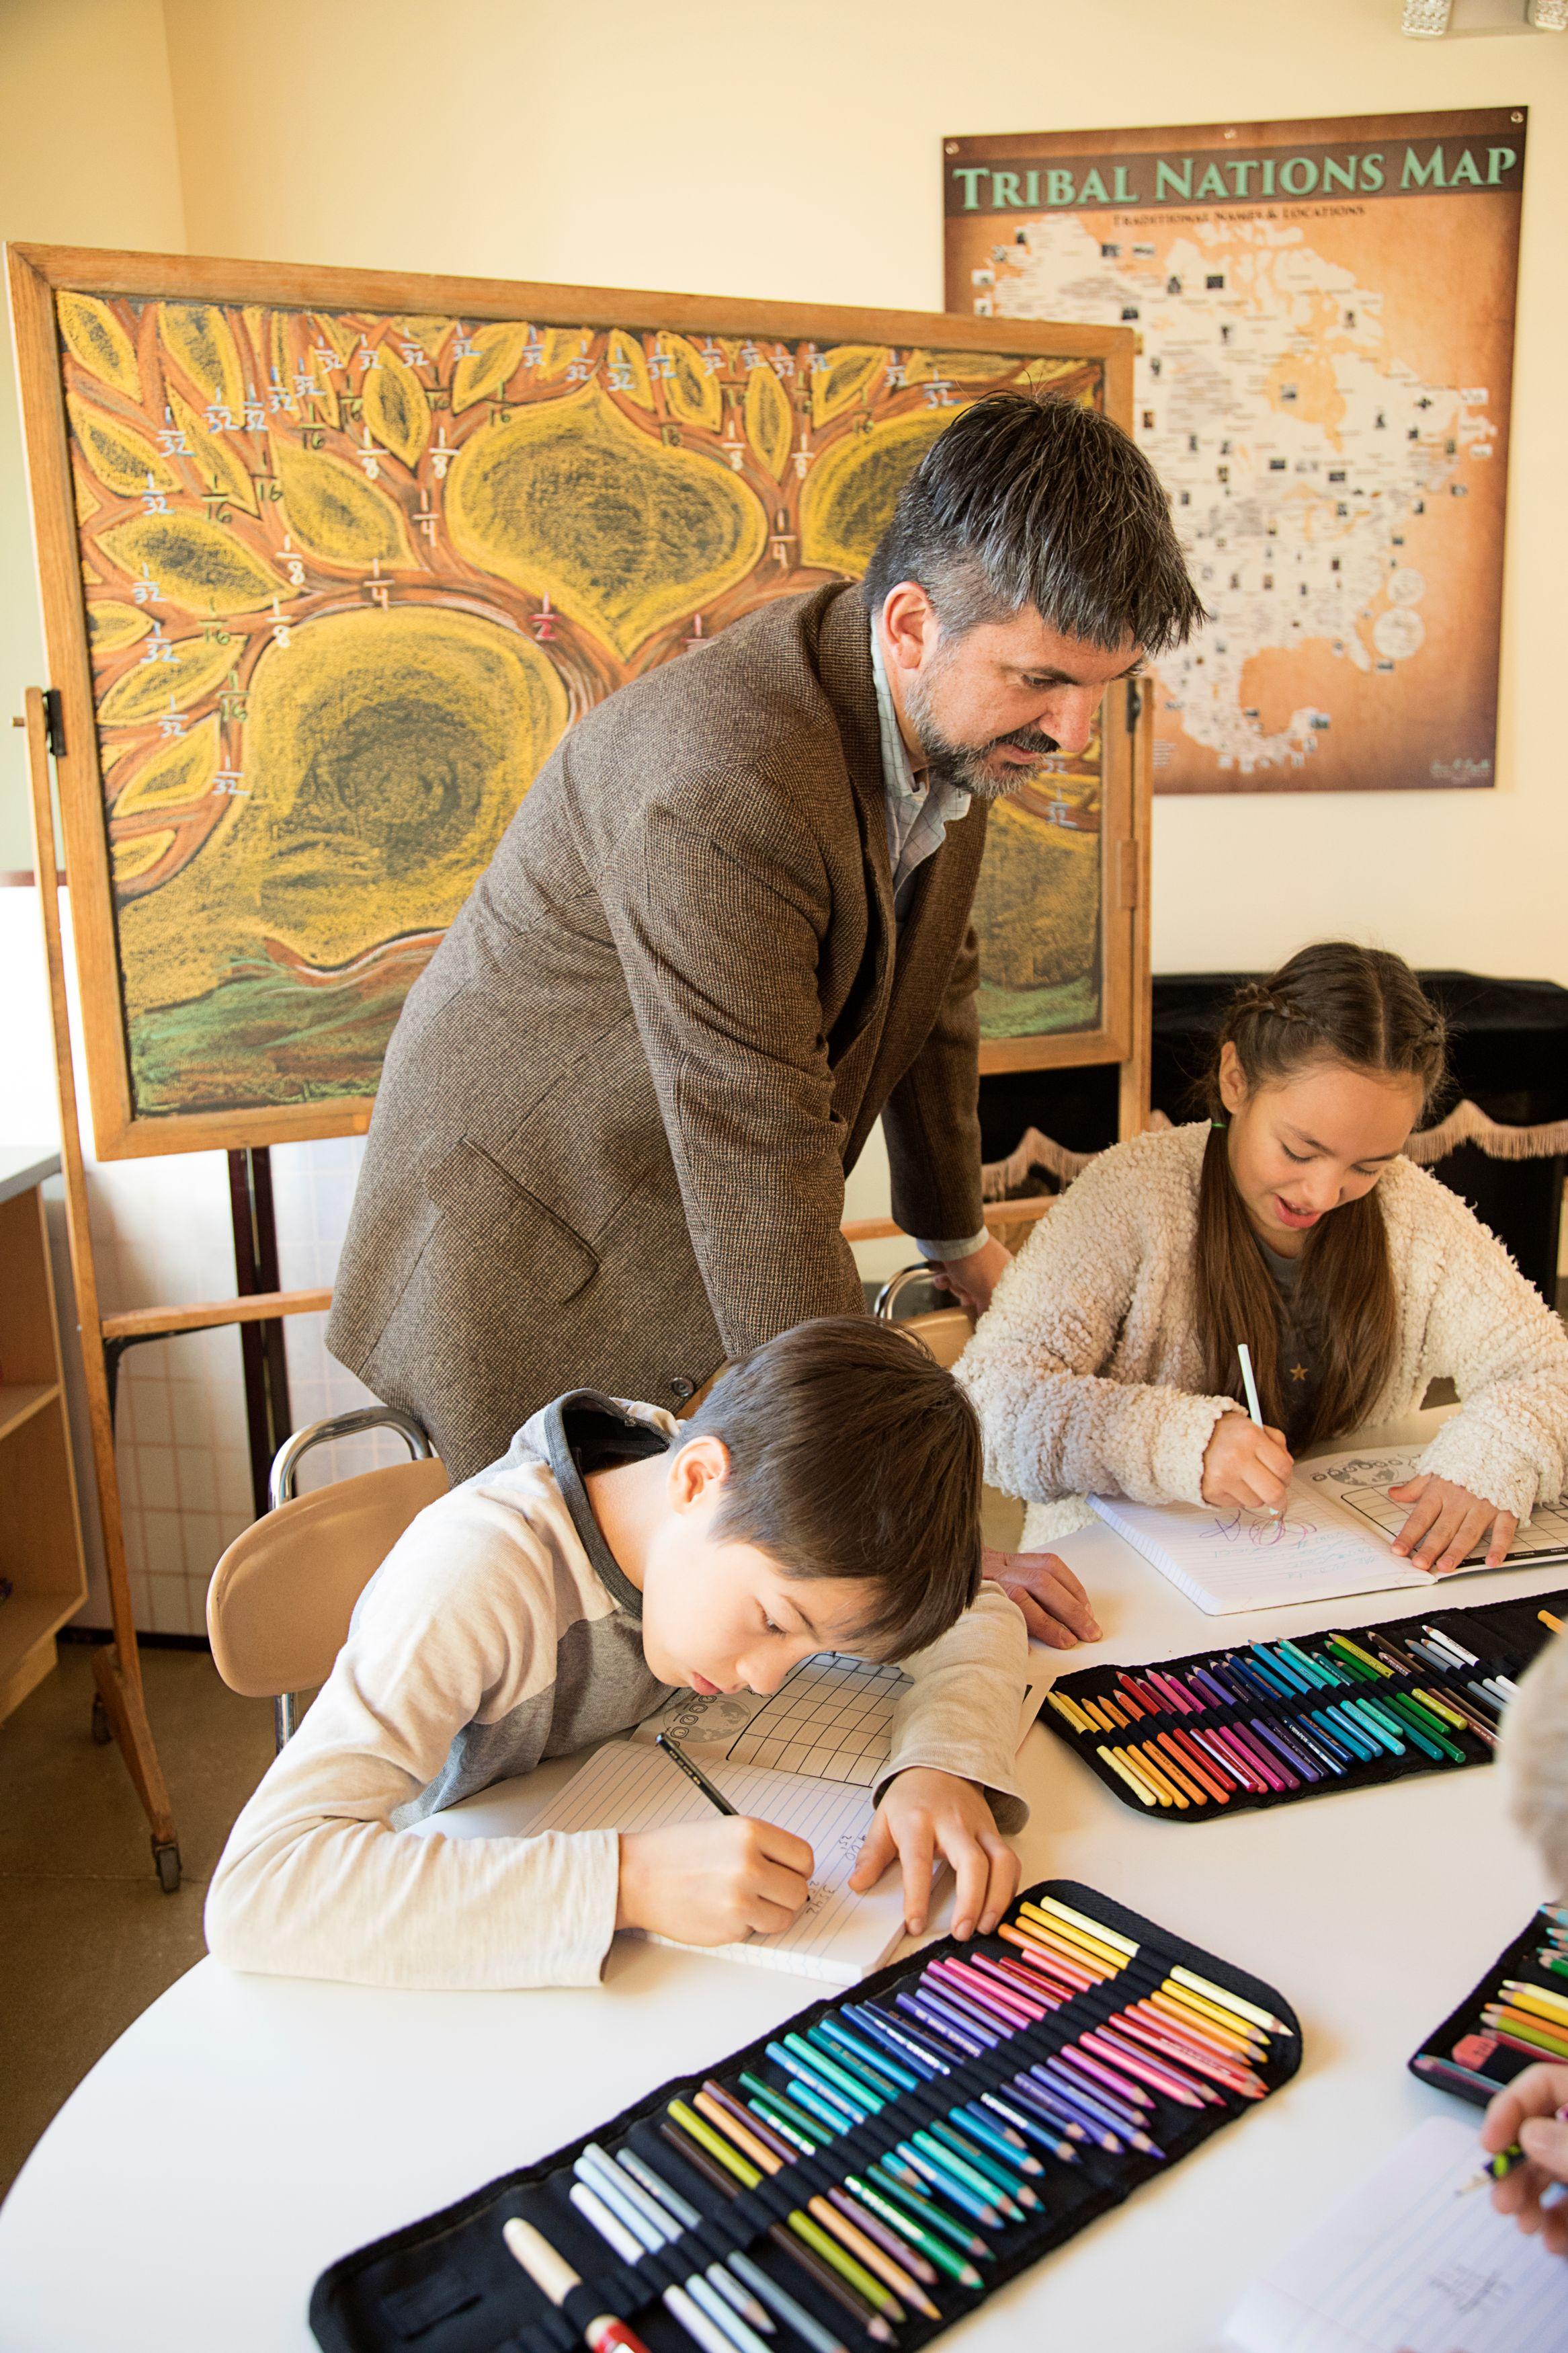 Teacher with Boy and Girl